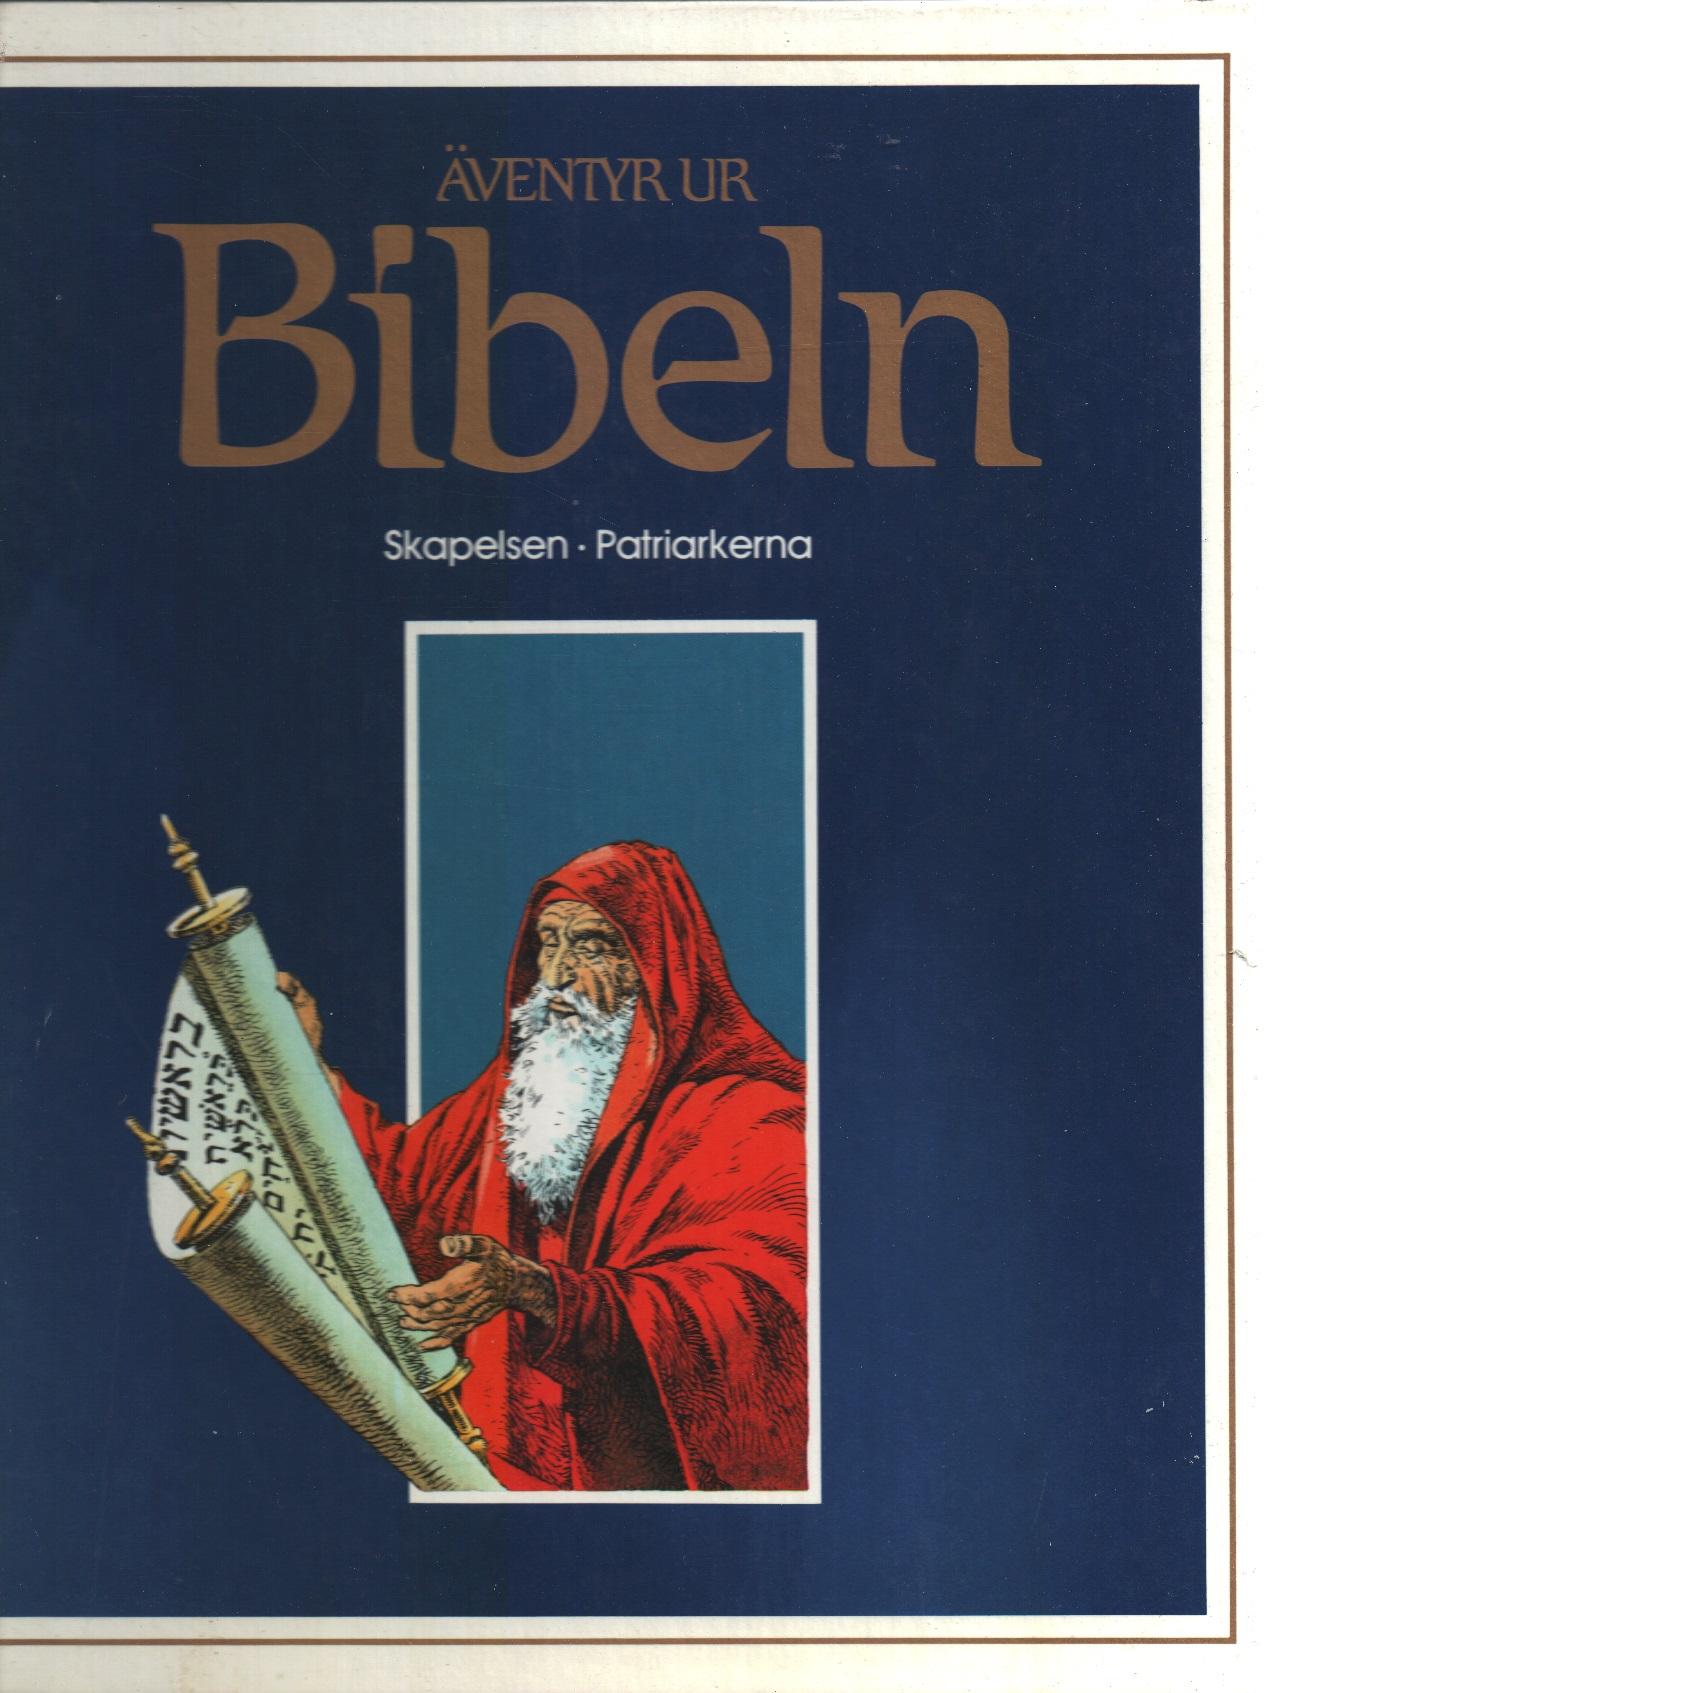 Äventyr ur Bibeln : Skapelsen, patriarkerna - Dahler, Etienne  och Bielsa, José